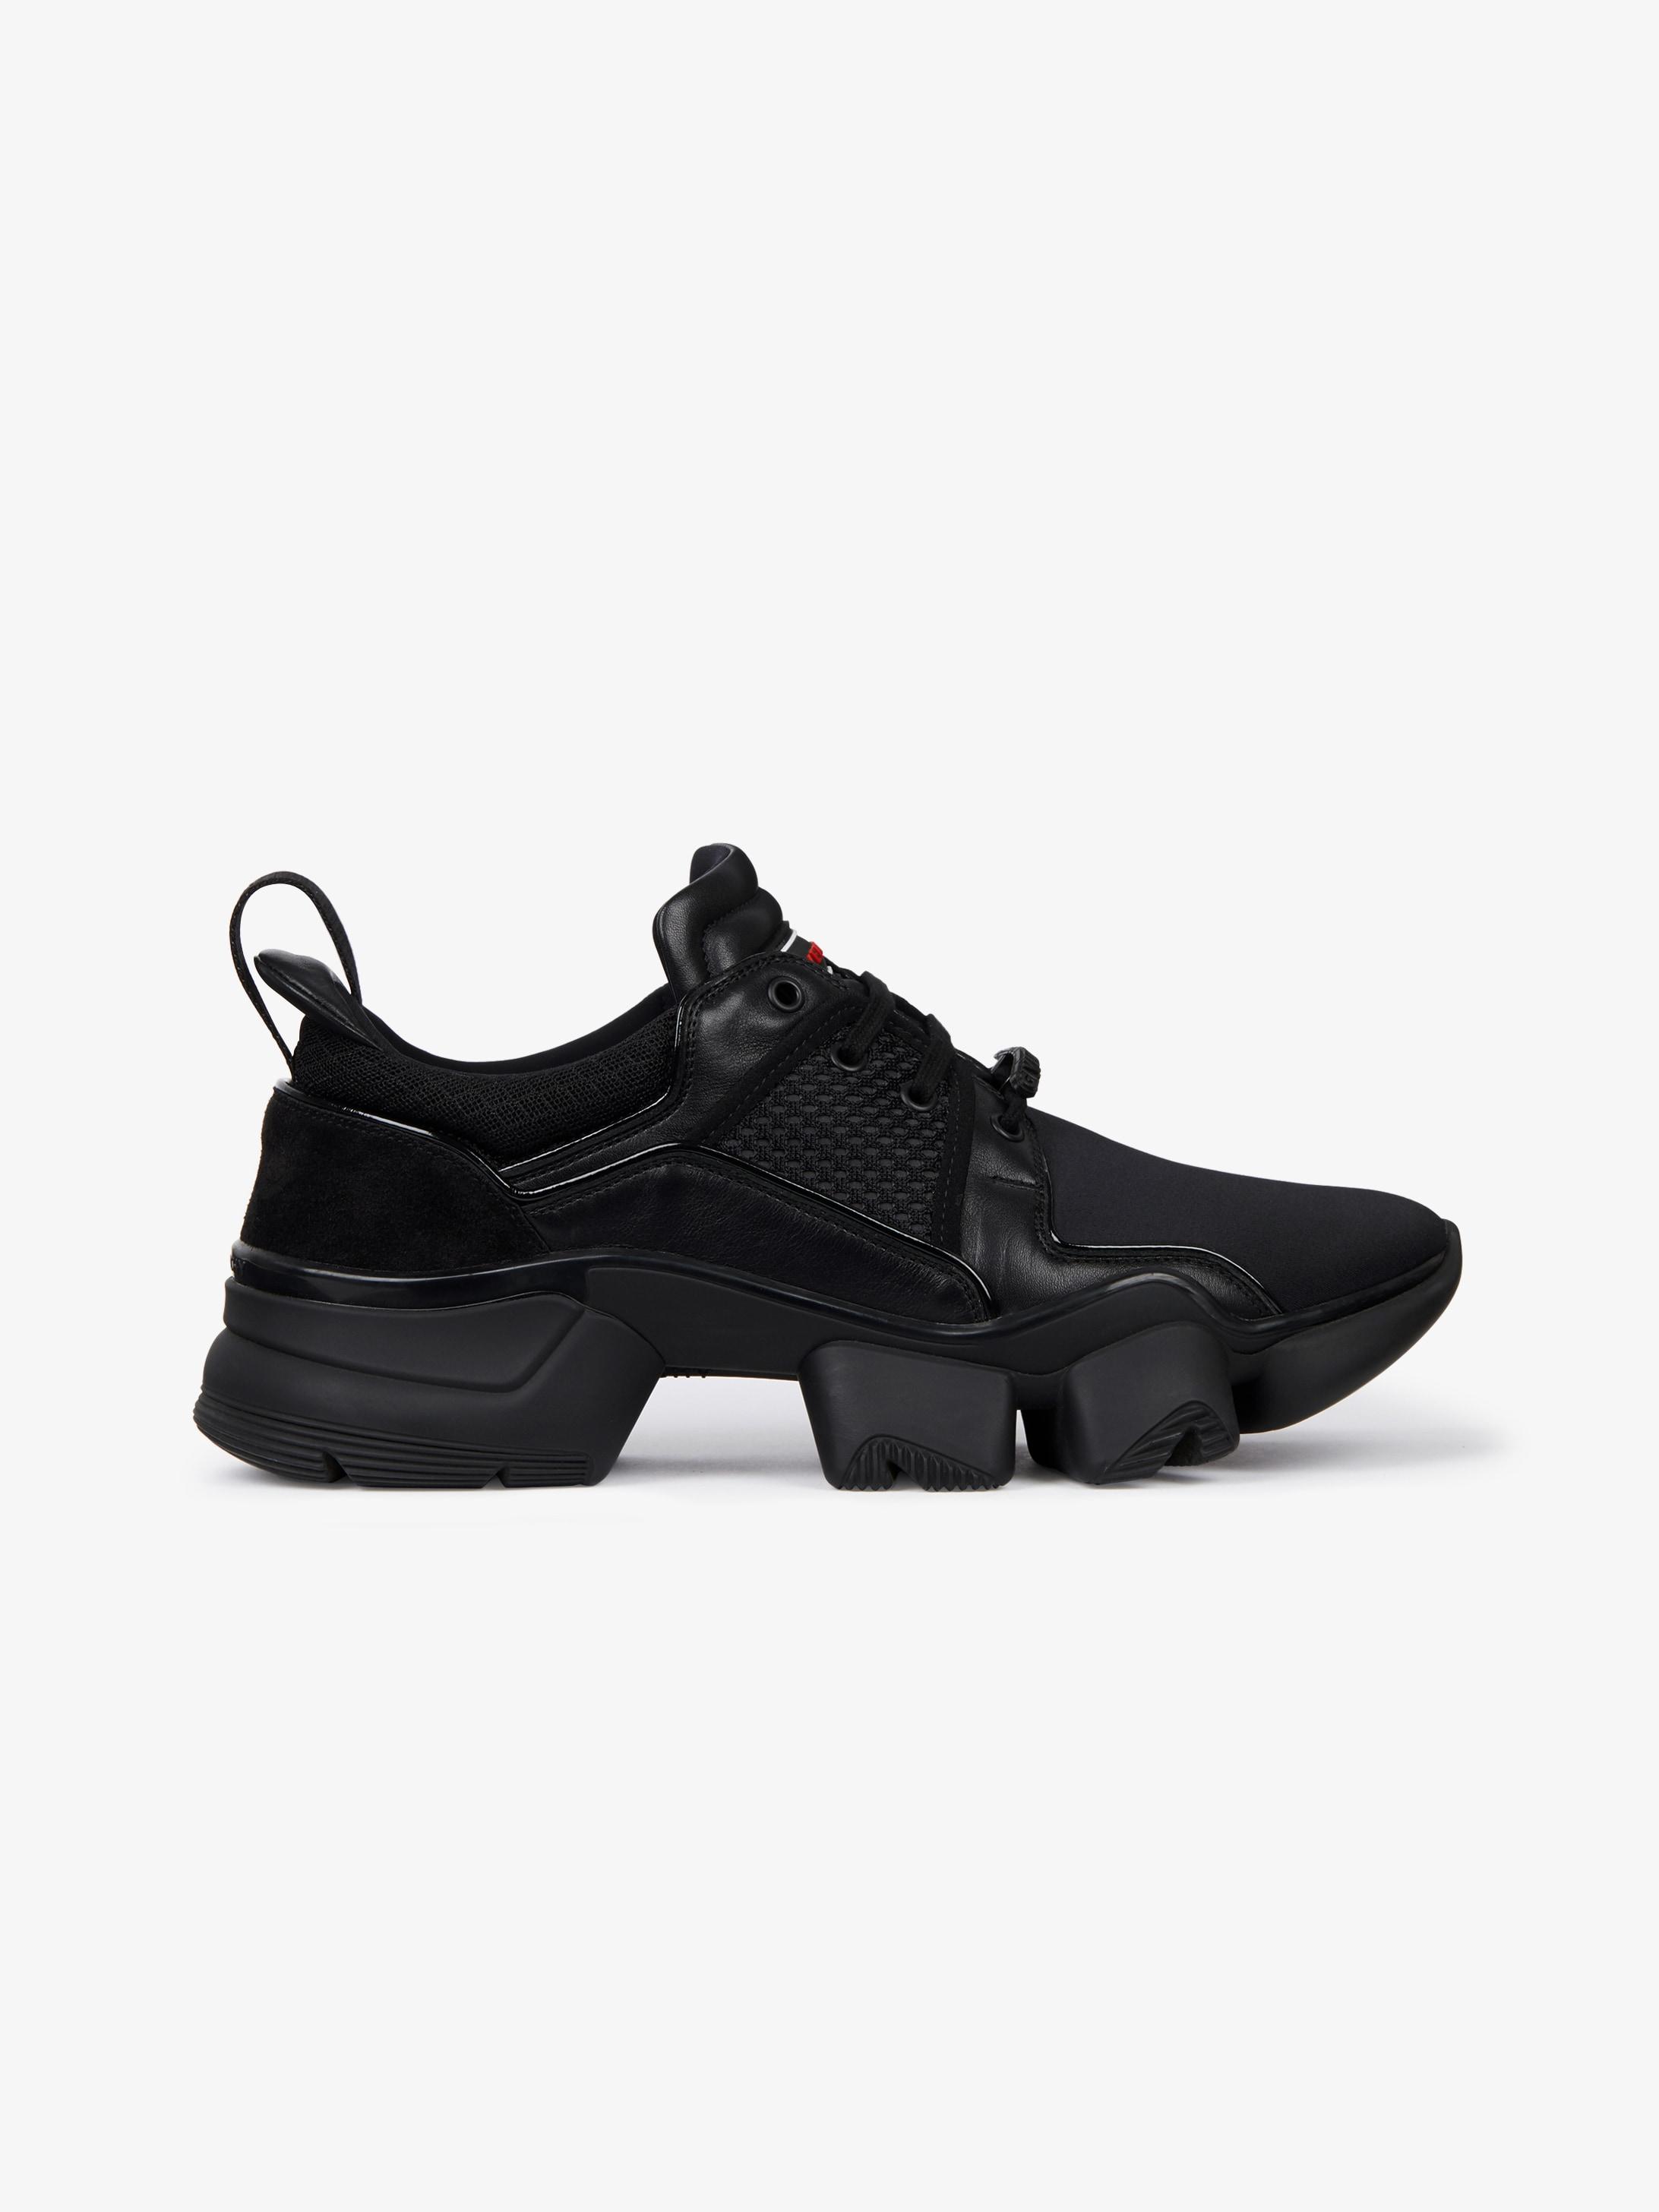 Sneakers basses JAW en néoprène et cuir